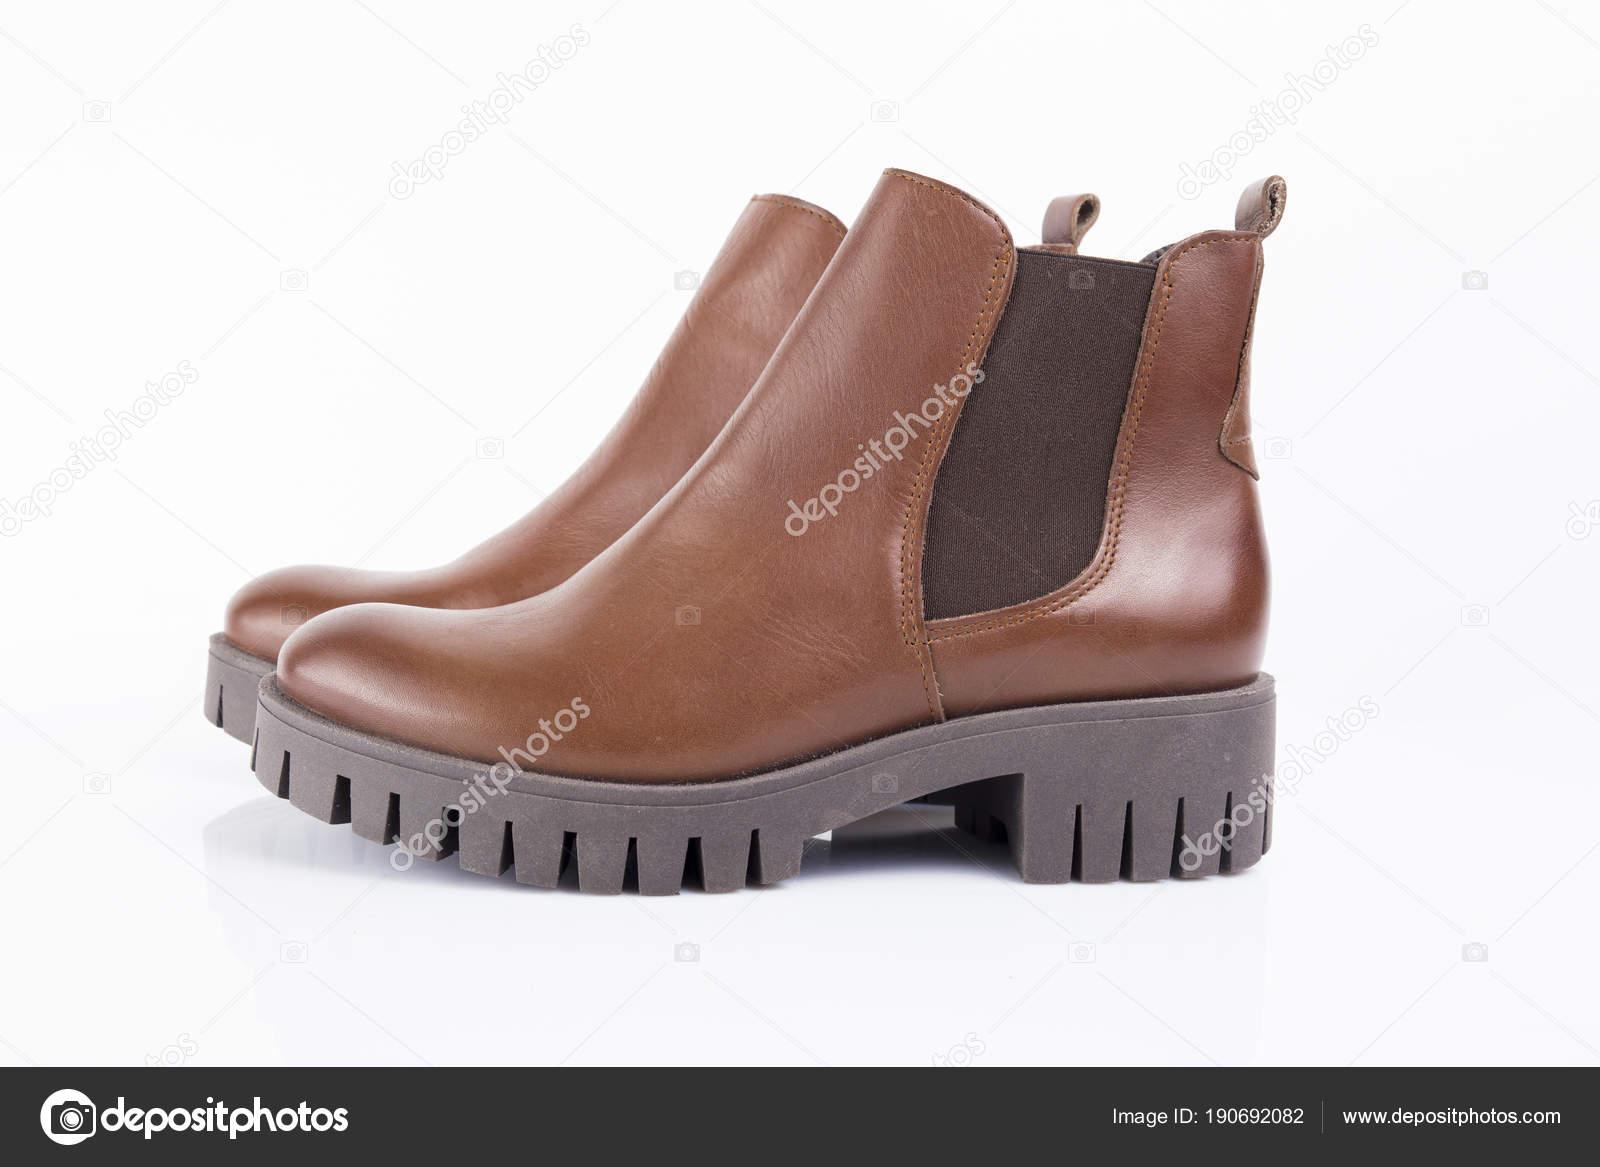 8e8ed7178a Bota Feminina Couro Marrom Fundo Branco Produto Isolado Calçado Confortável  — Fotografia de Stock